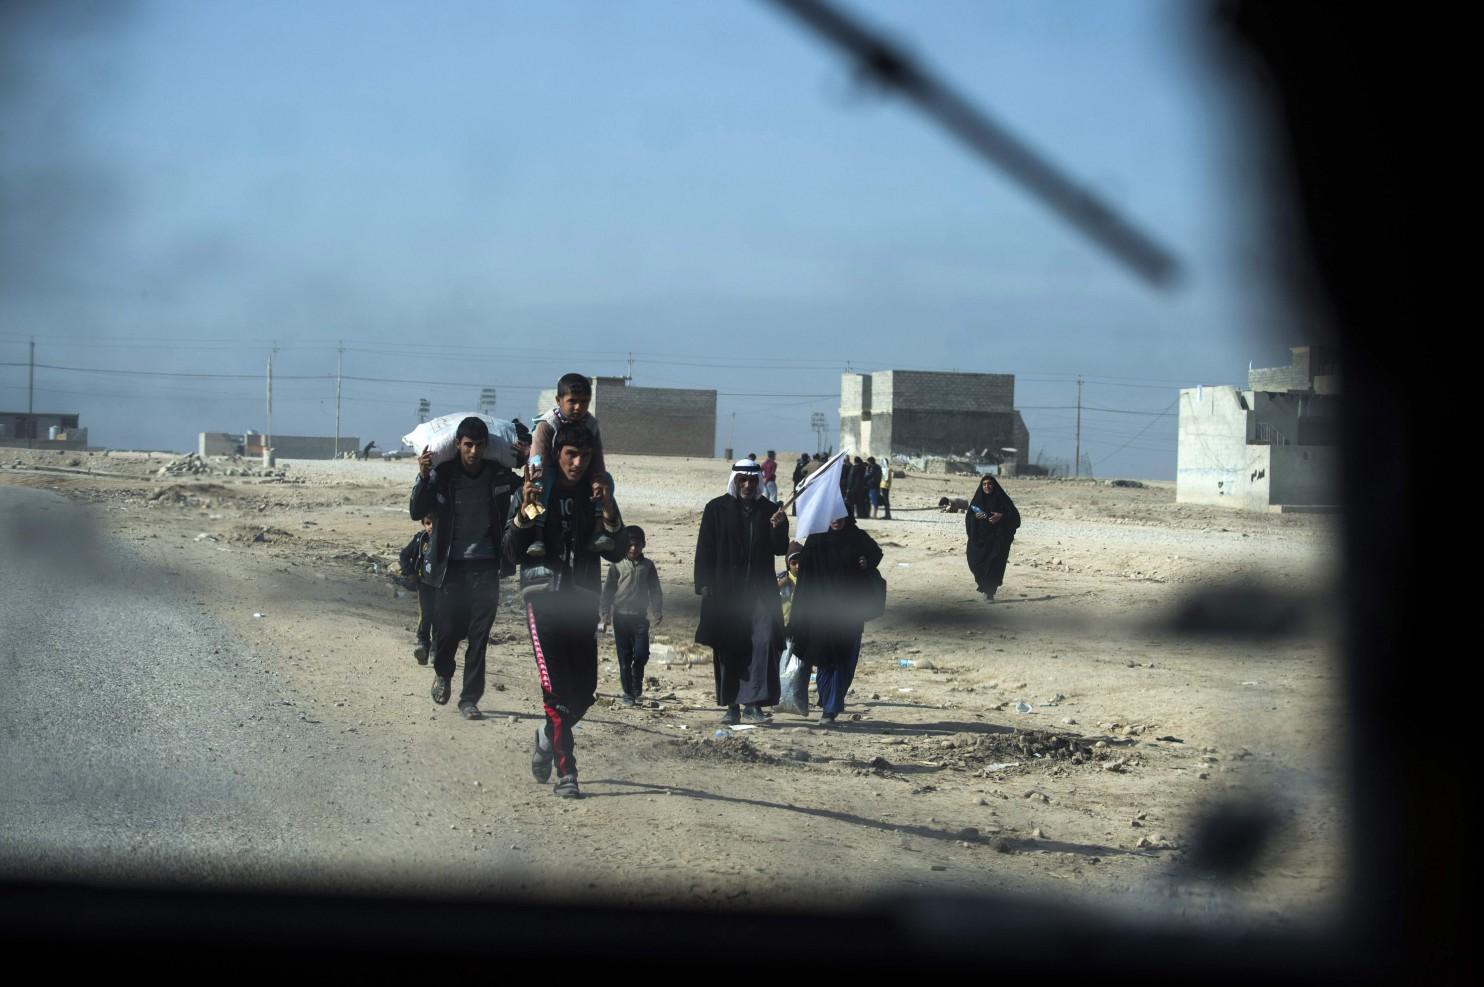 واشینگتن پست: عراق تاکنون چنین نبردی به خود ندیده است + تصاویر